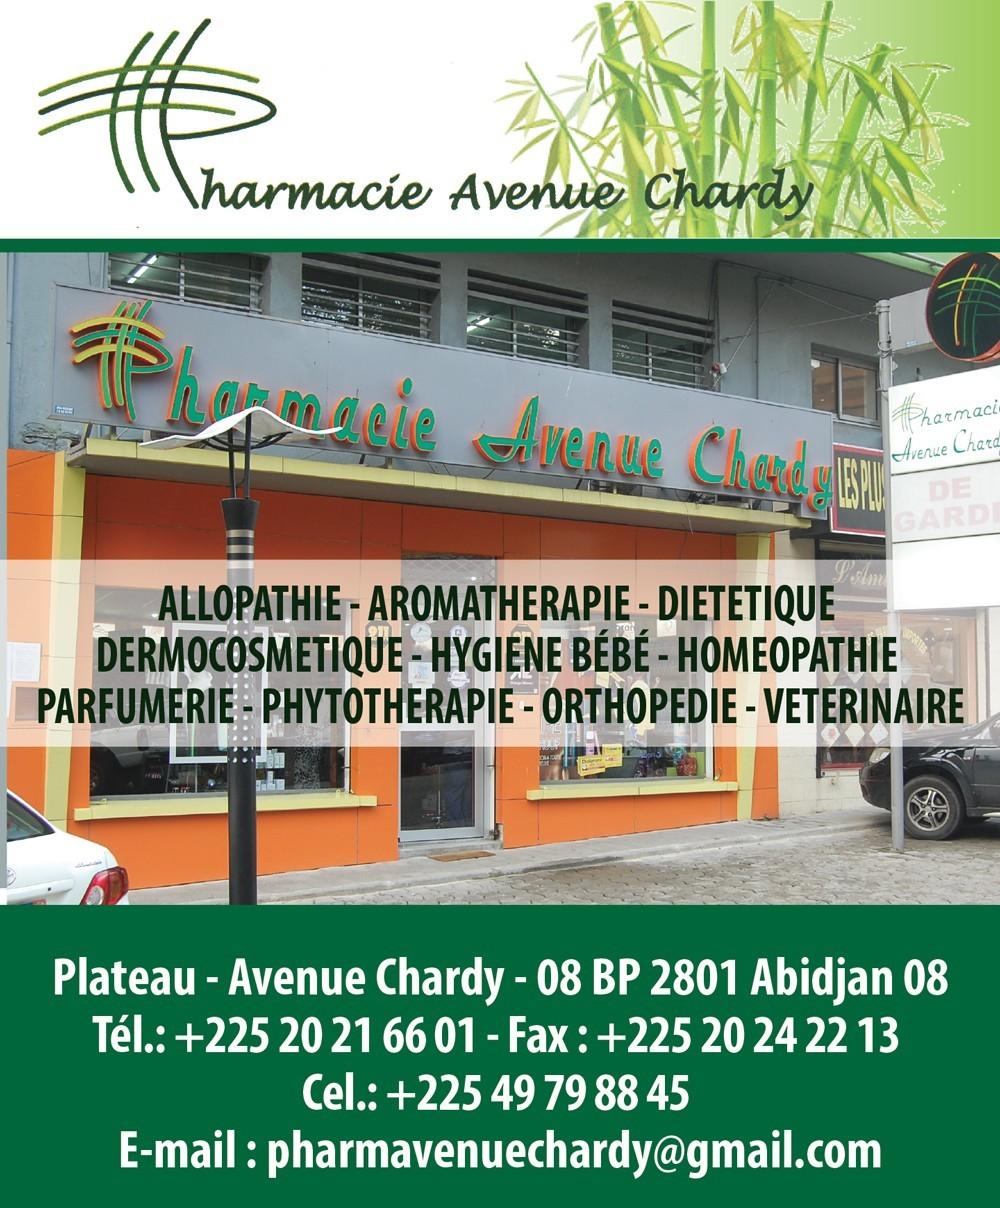 Hardy S Ufs Pharmacy: PHARMACIE AVENUE CHARDY